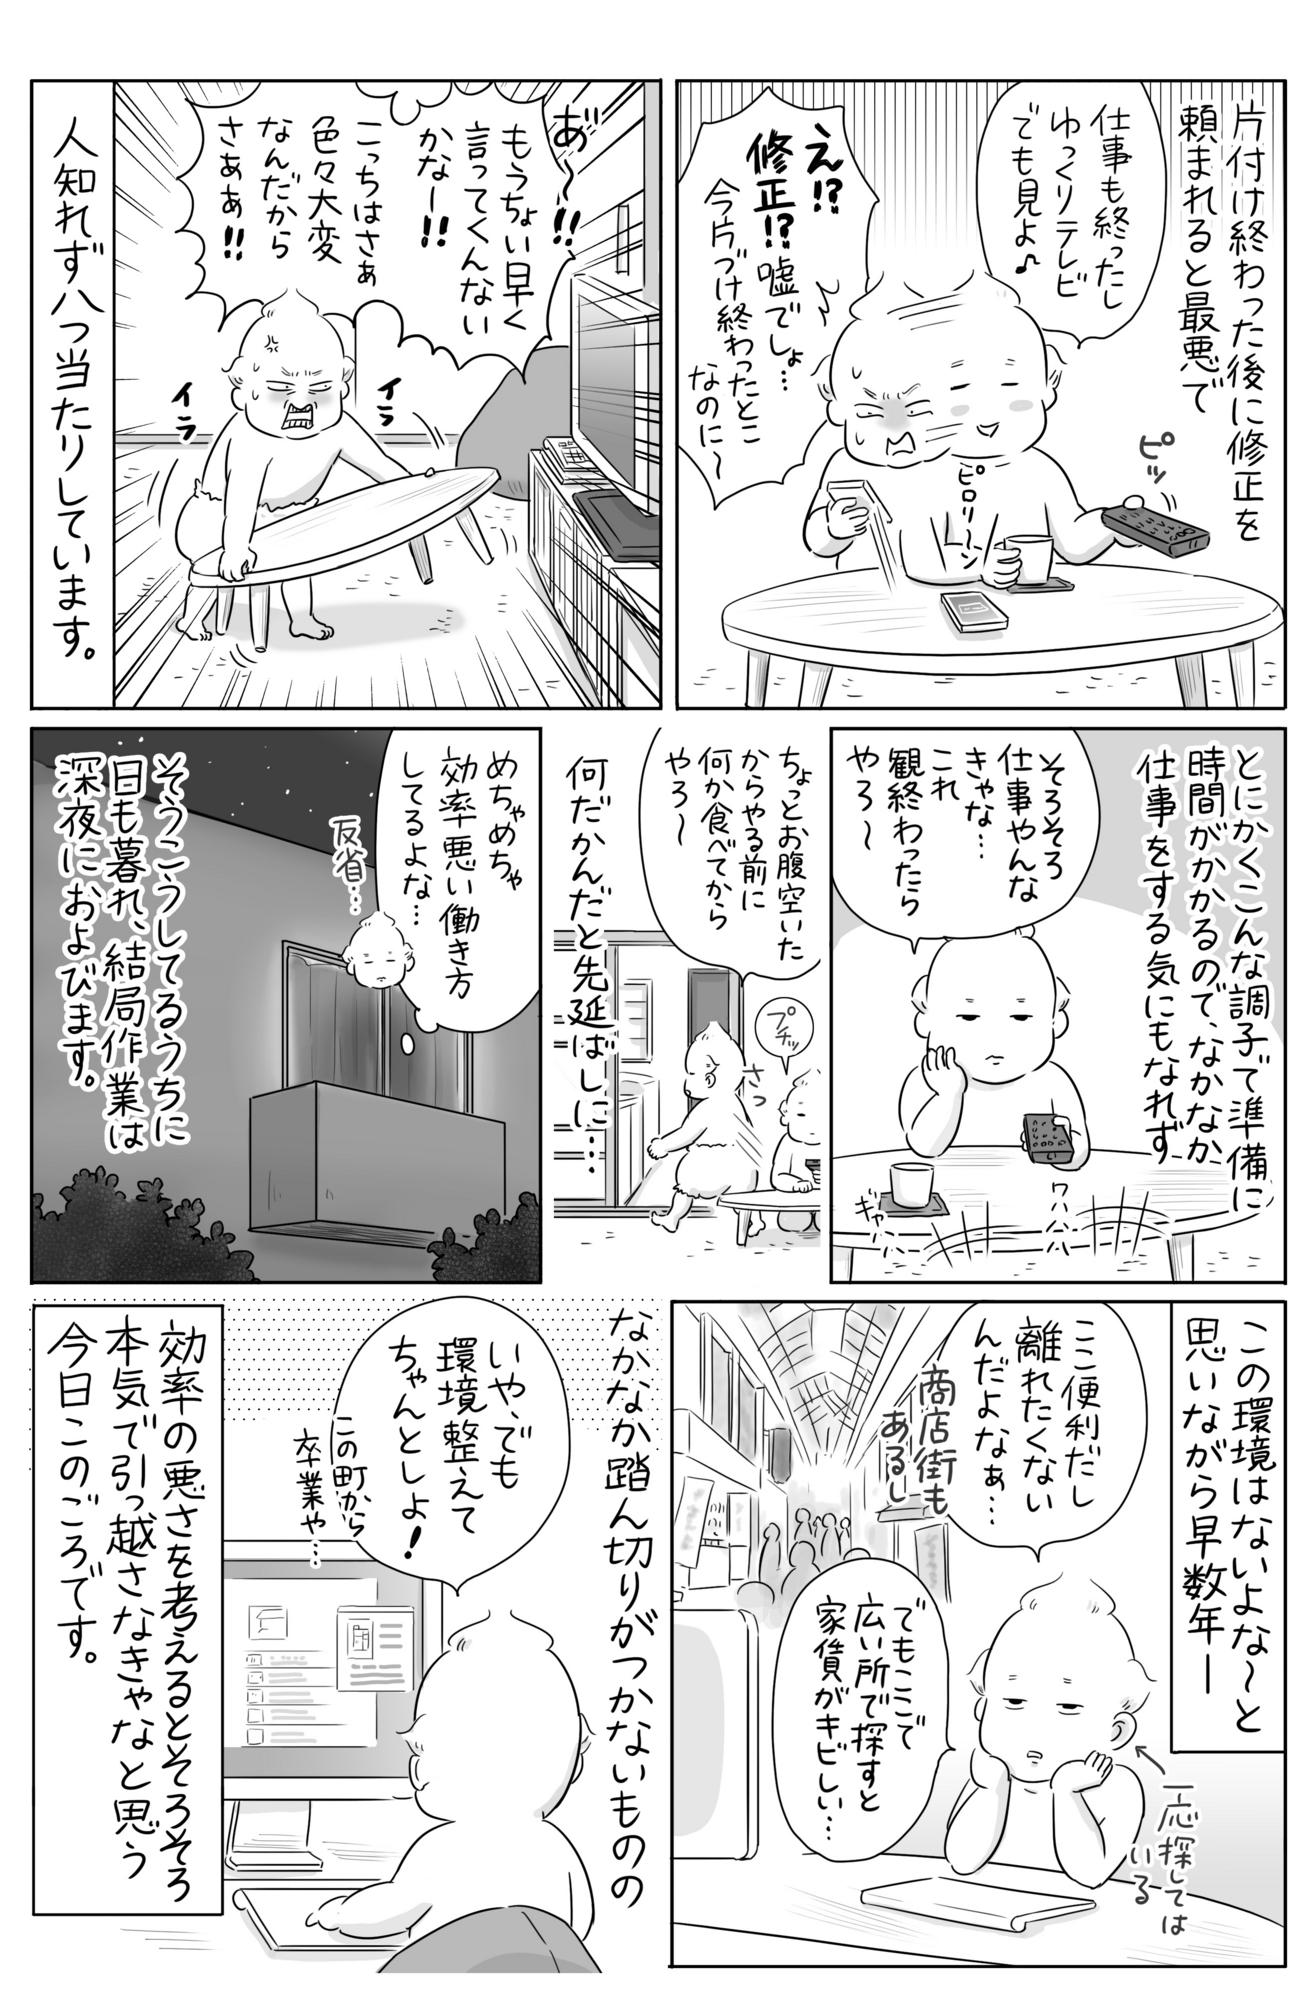 f:id:kakijiro:20160426164540j:plain